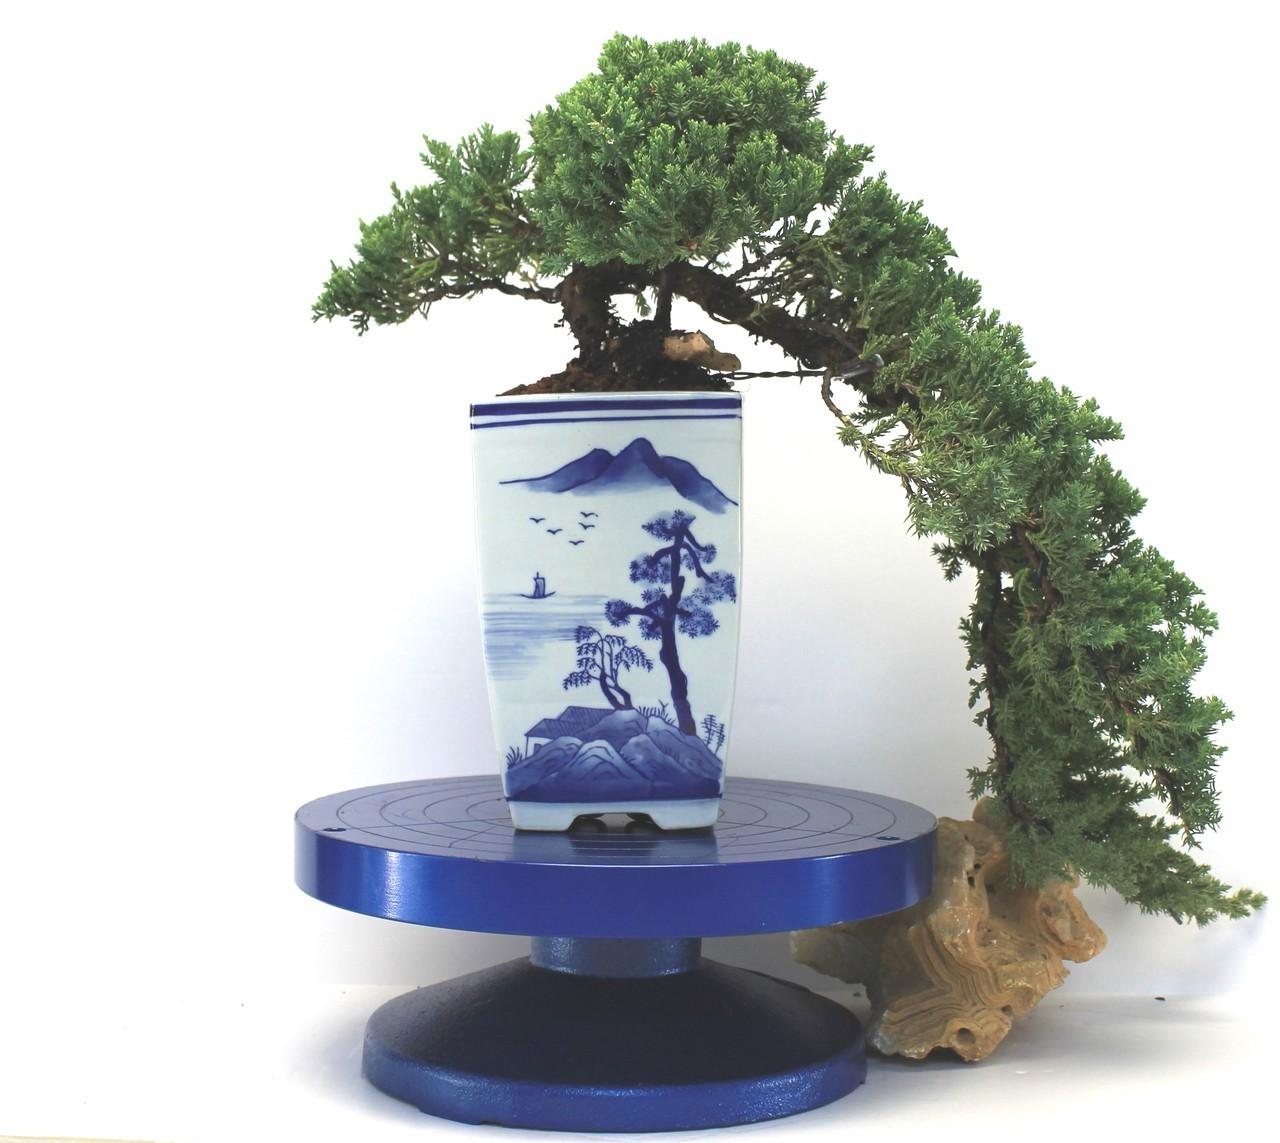 Achat de bonsaï: Le principal problème avec la conservation d'un bonsaï tropical est que l'intensité de la lumière à l'intérieur est beaucoup plus faible qu'à l'extérieur.